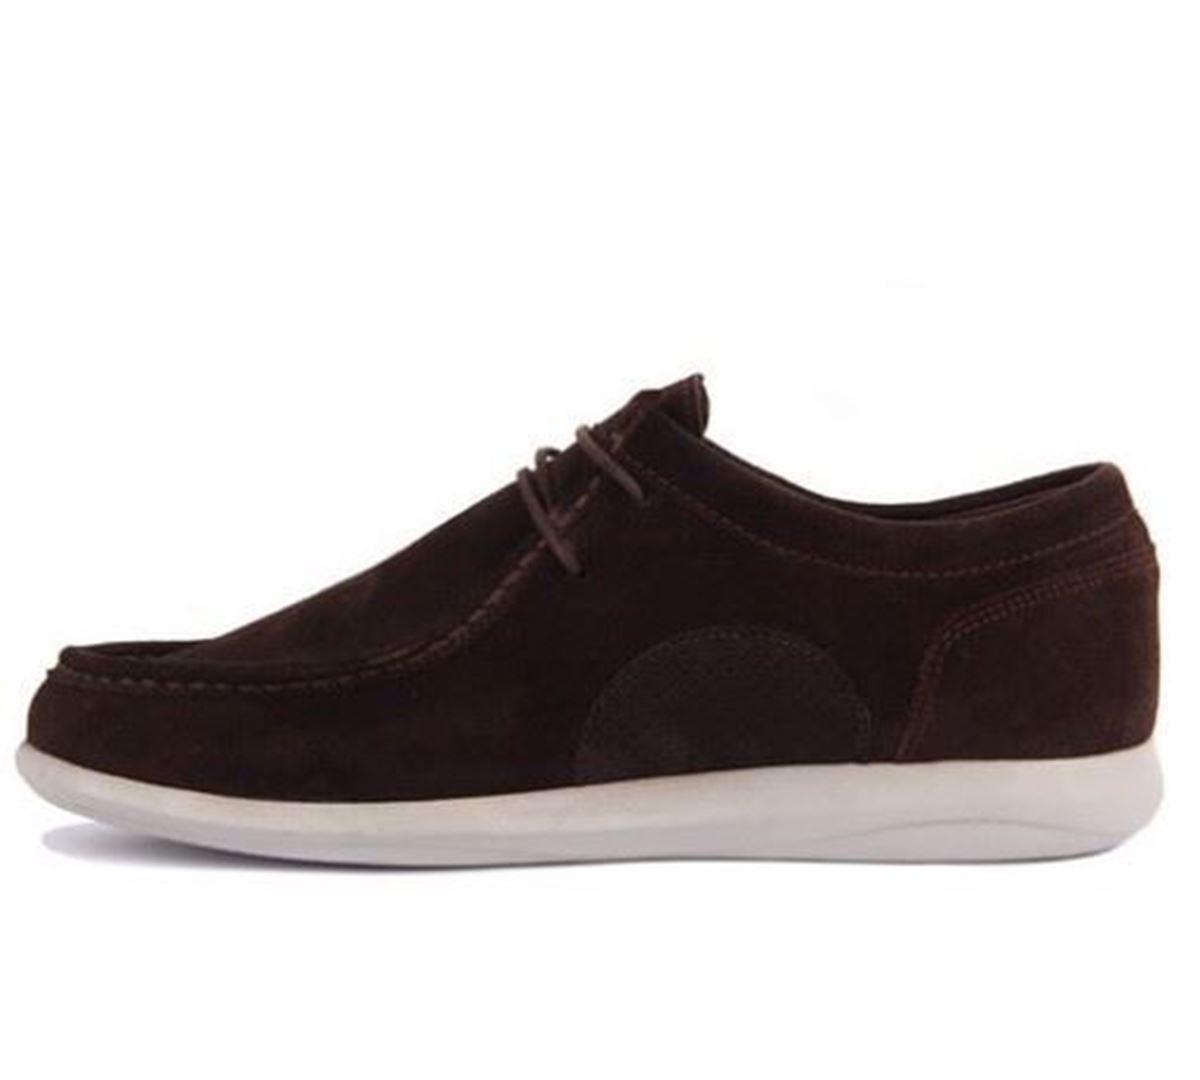 Sail Lakers - Kahverengi Süet Erkek Günlük Ayakkabı resmi